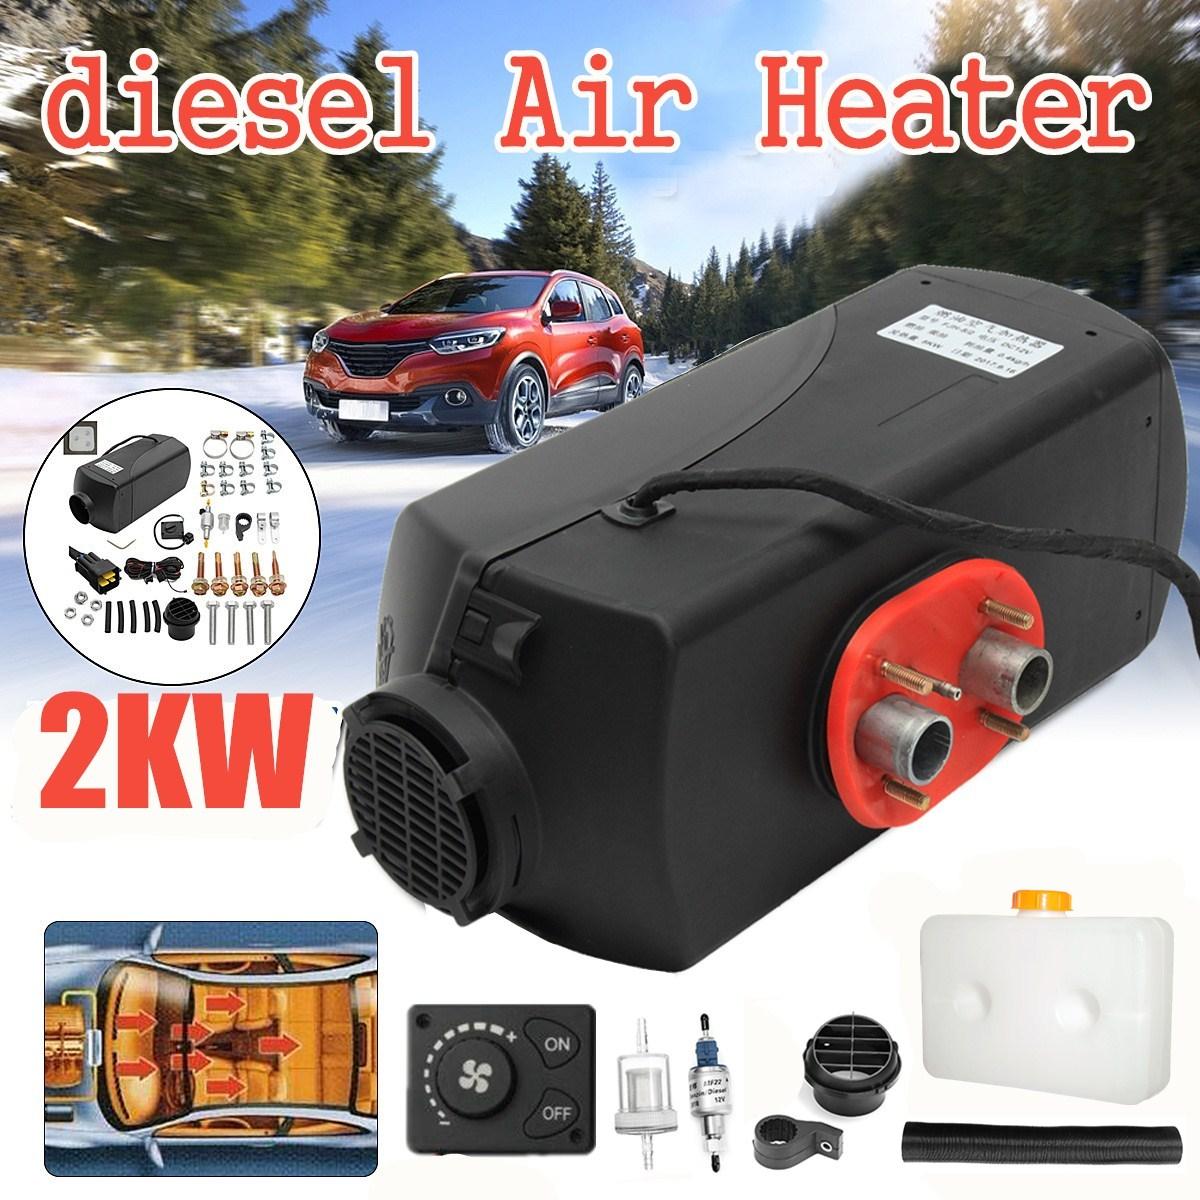 12V 2KW voiture Diesels Air Parking chauffage bouton de chauffage de voiture télécommande moniteur interrupteur + silencieux pour camions Bus remorque chauffage